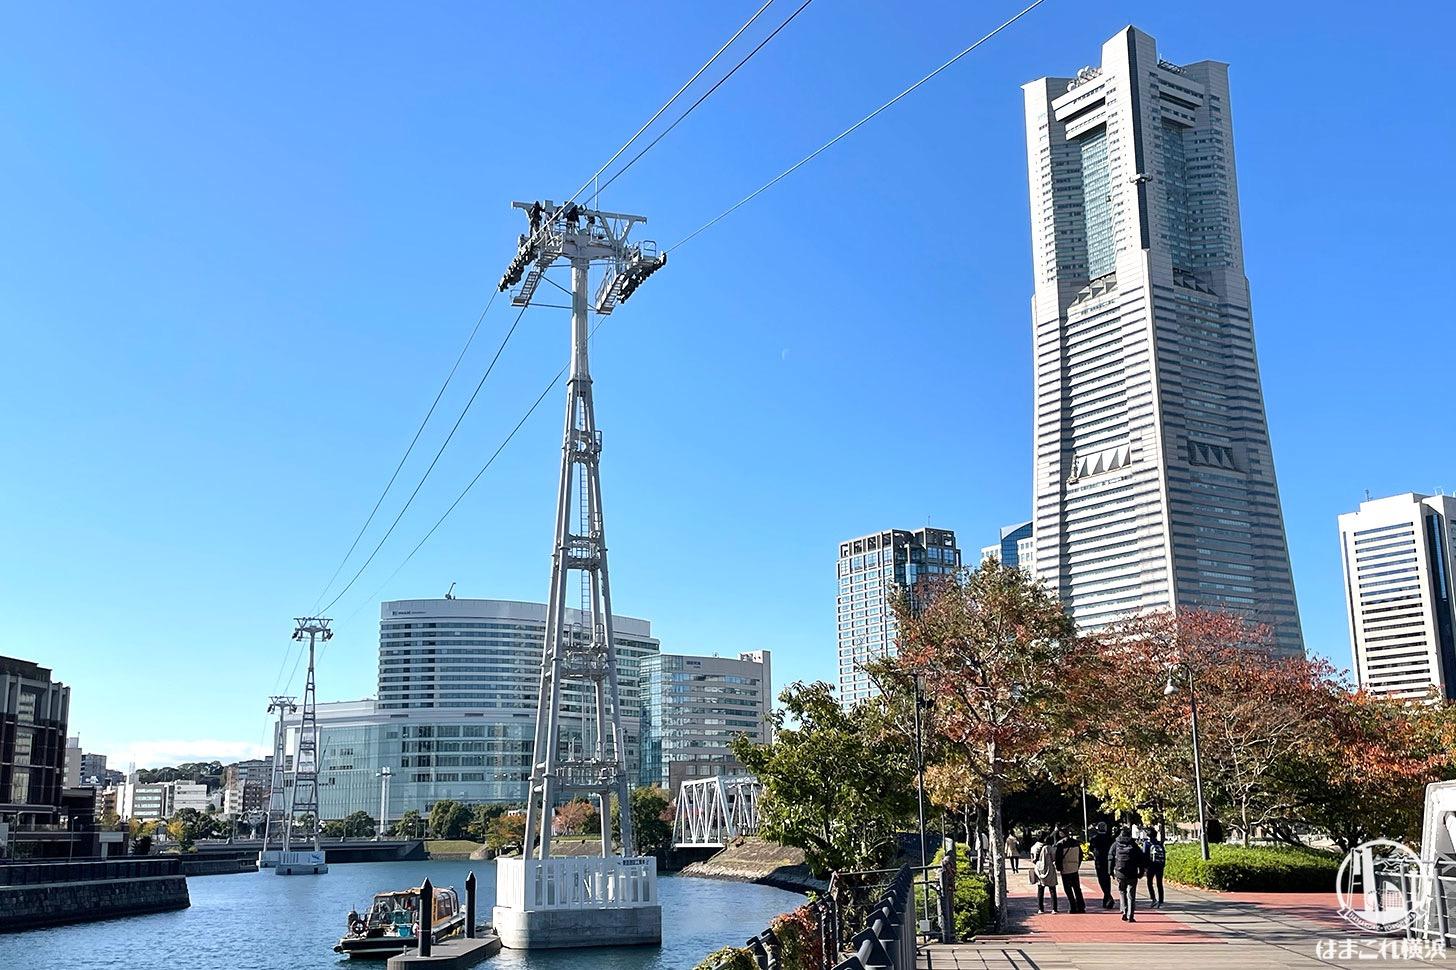 横浜ロープウェイ「YOKOHAMA AIR CABIN(ヨコハマエアキャビン)」